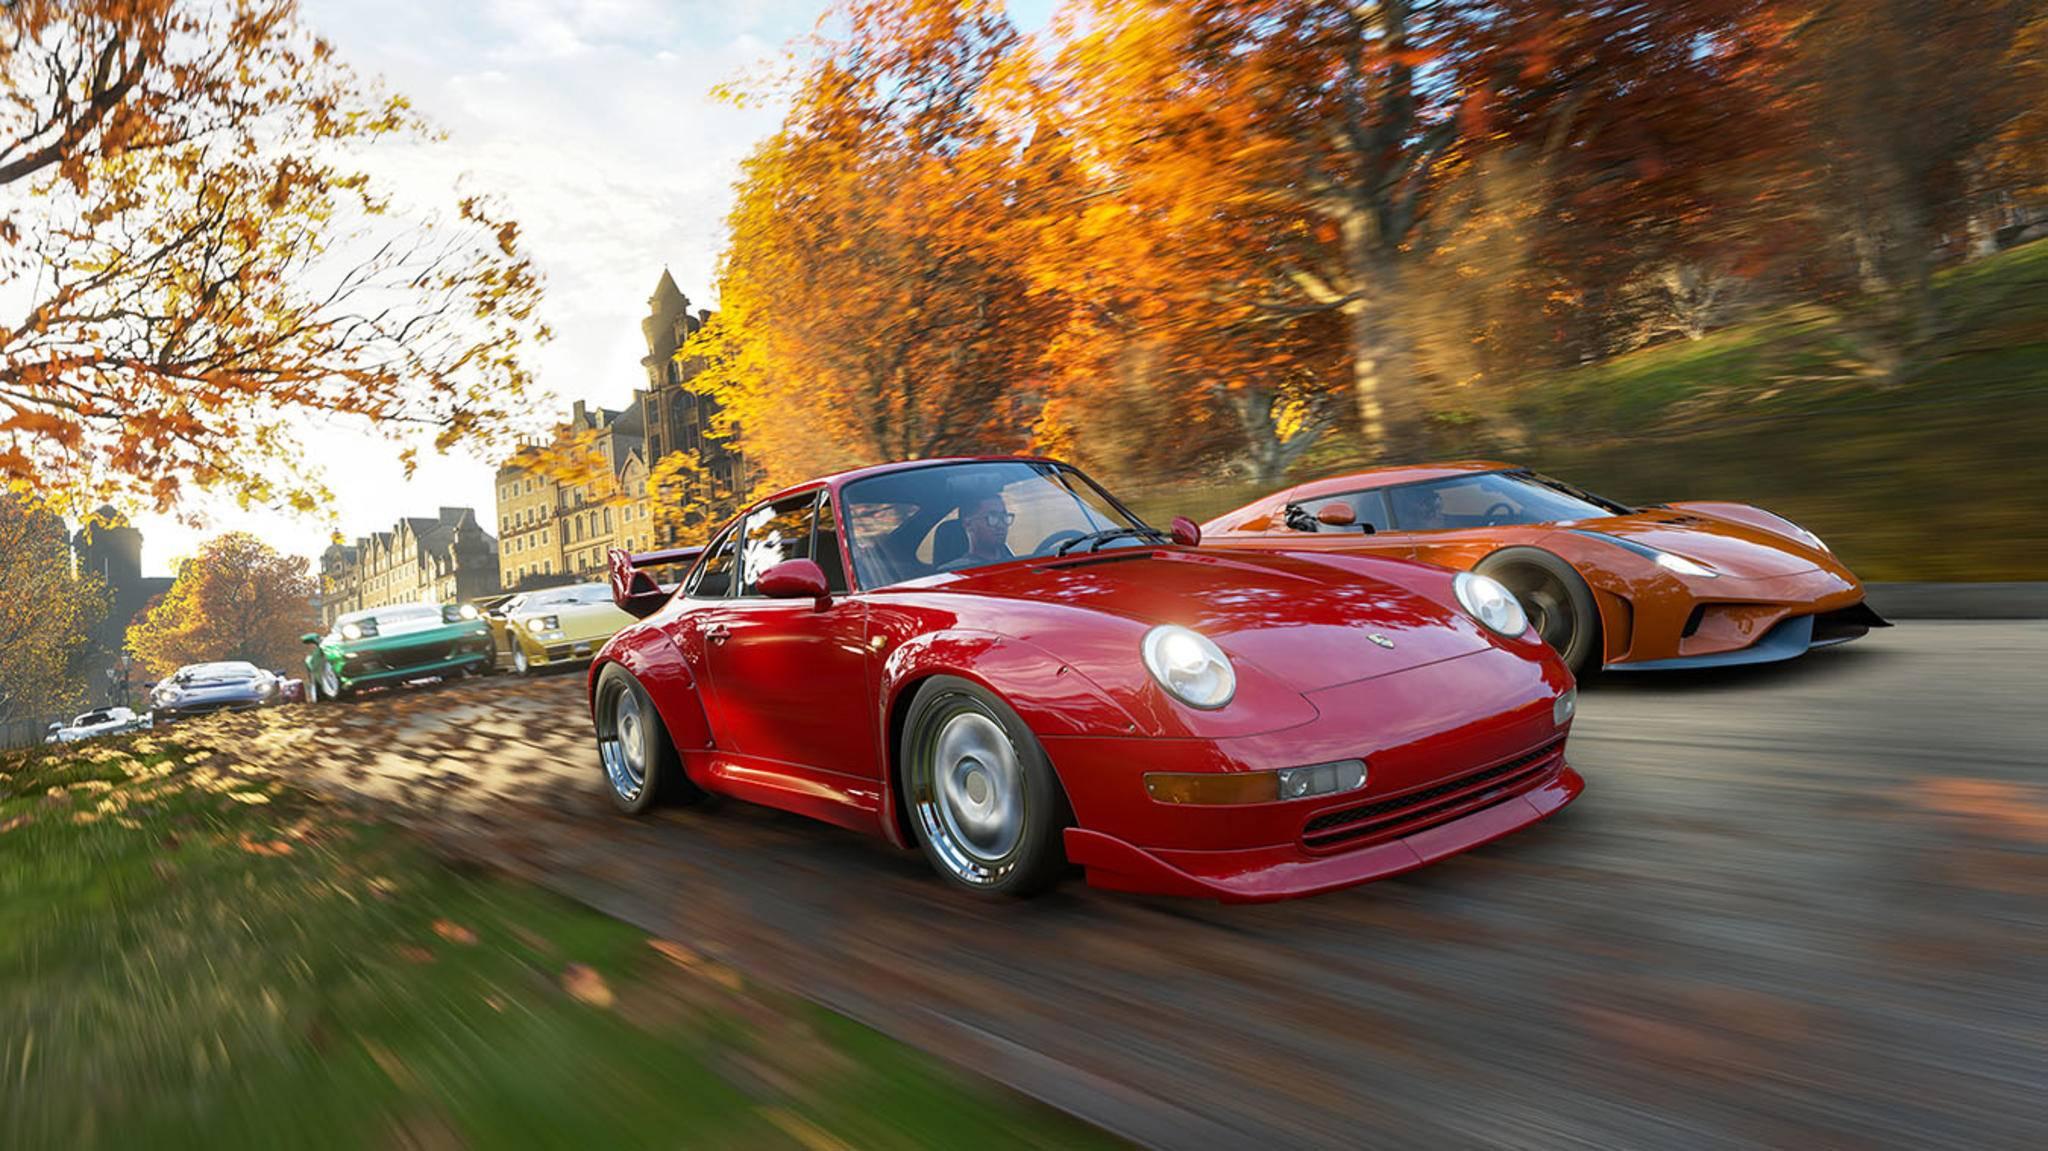 """Als Rennfahrer Dein Geld verdienen? Das wird in """"Forza Horizon 4"""" möglich sein – aber nur mit Ingame-Währung."""